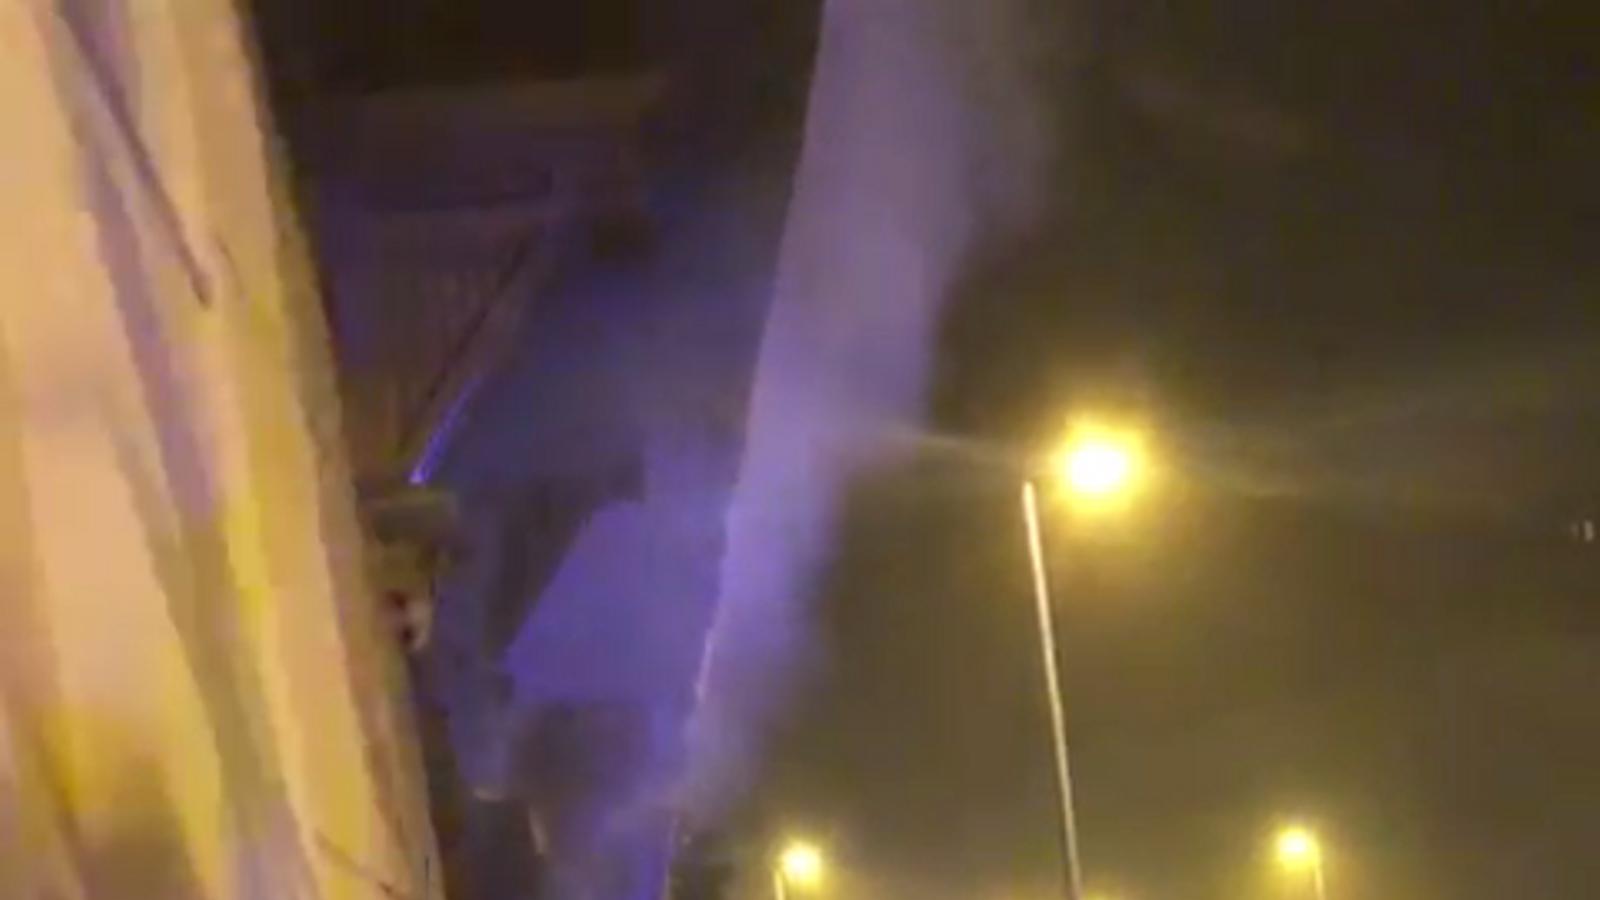 Divuit ferits, dos d'ells en estat crític, en l'incendi d'un pis al carrer Aragó de Barcelona